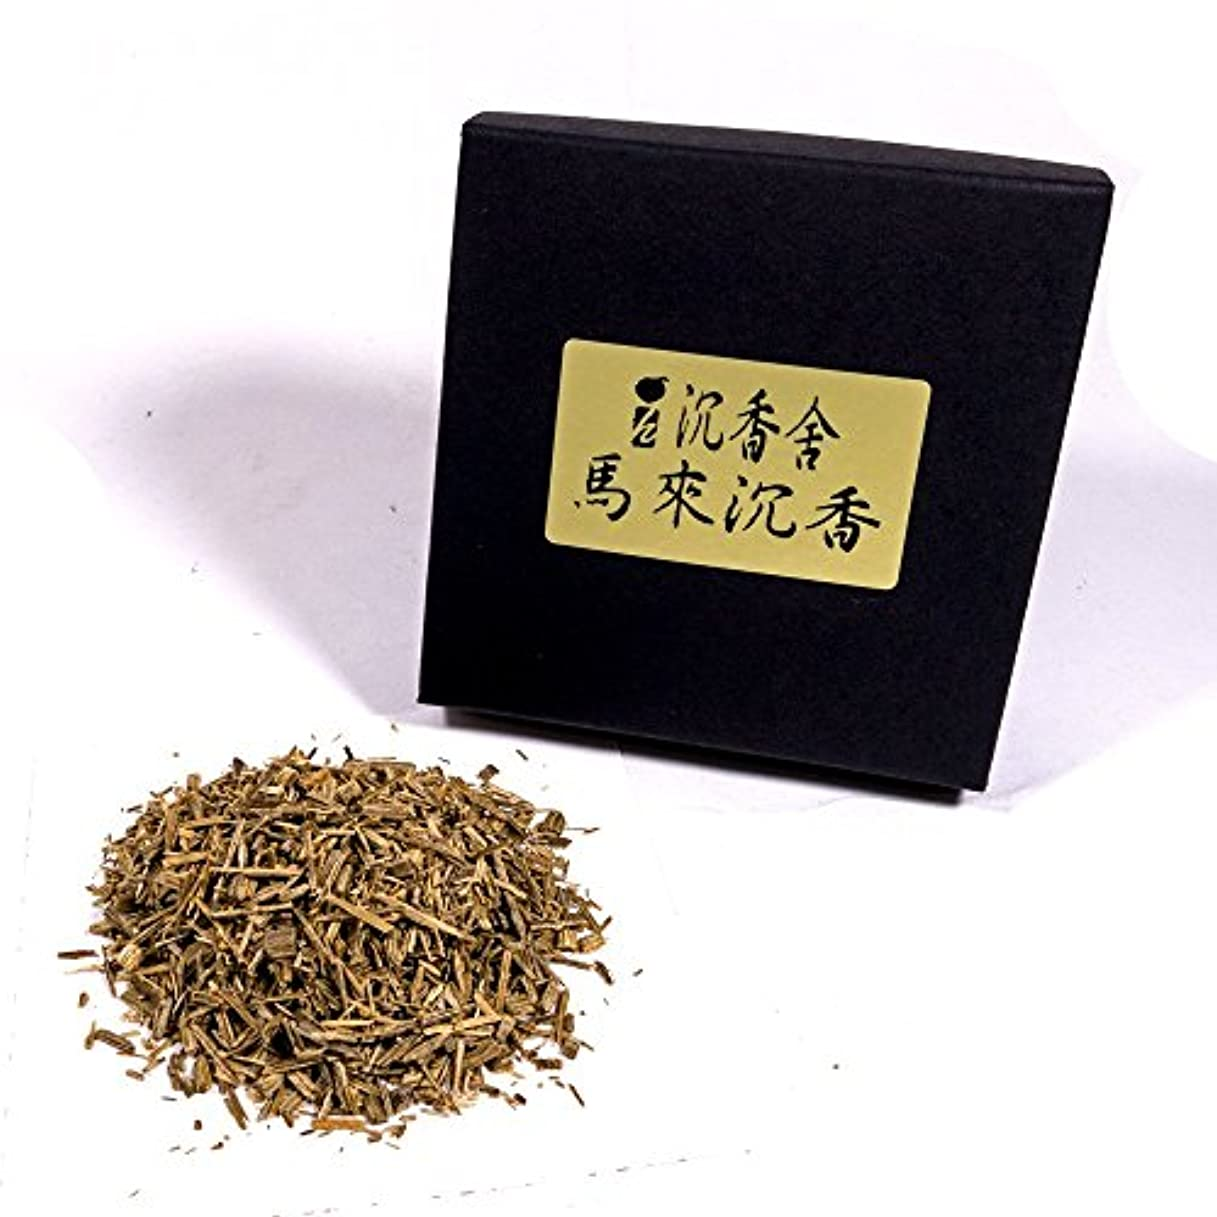 馬來西亞 沈香くず 5gくず お香 お焼香 焼香 マレーシア産 馬來西亞 天然沉香香木のくず